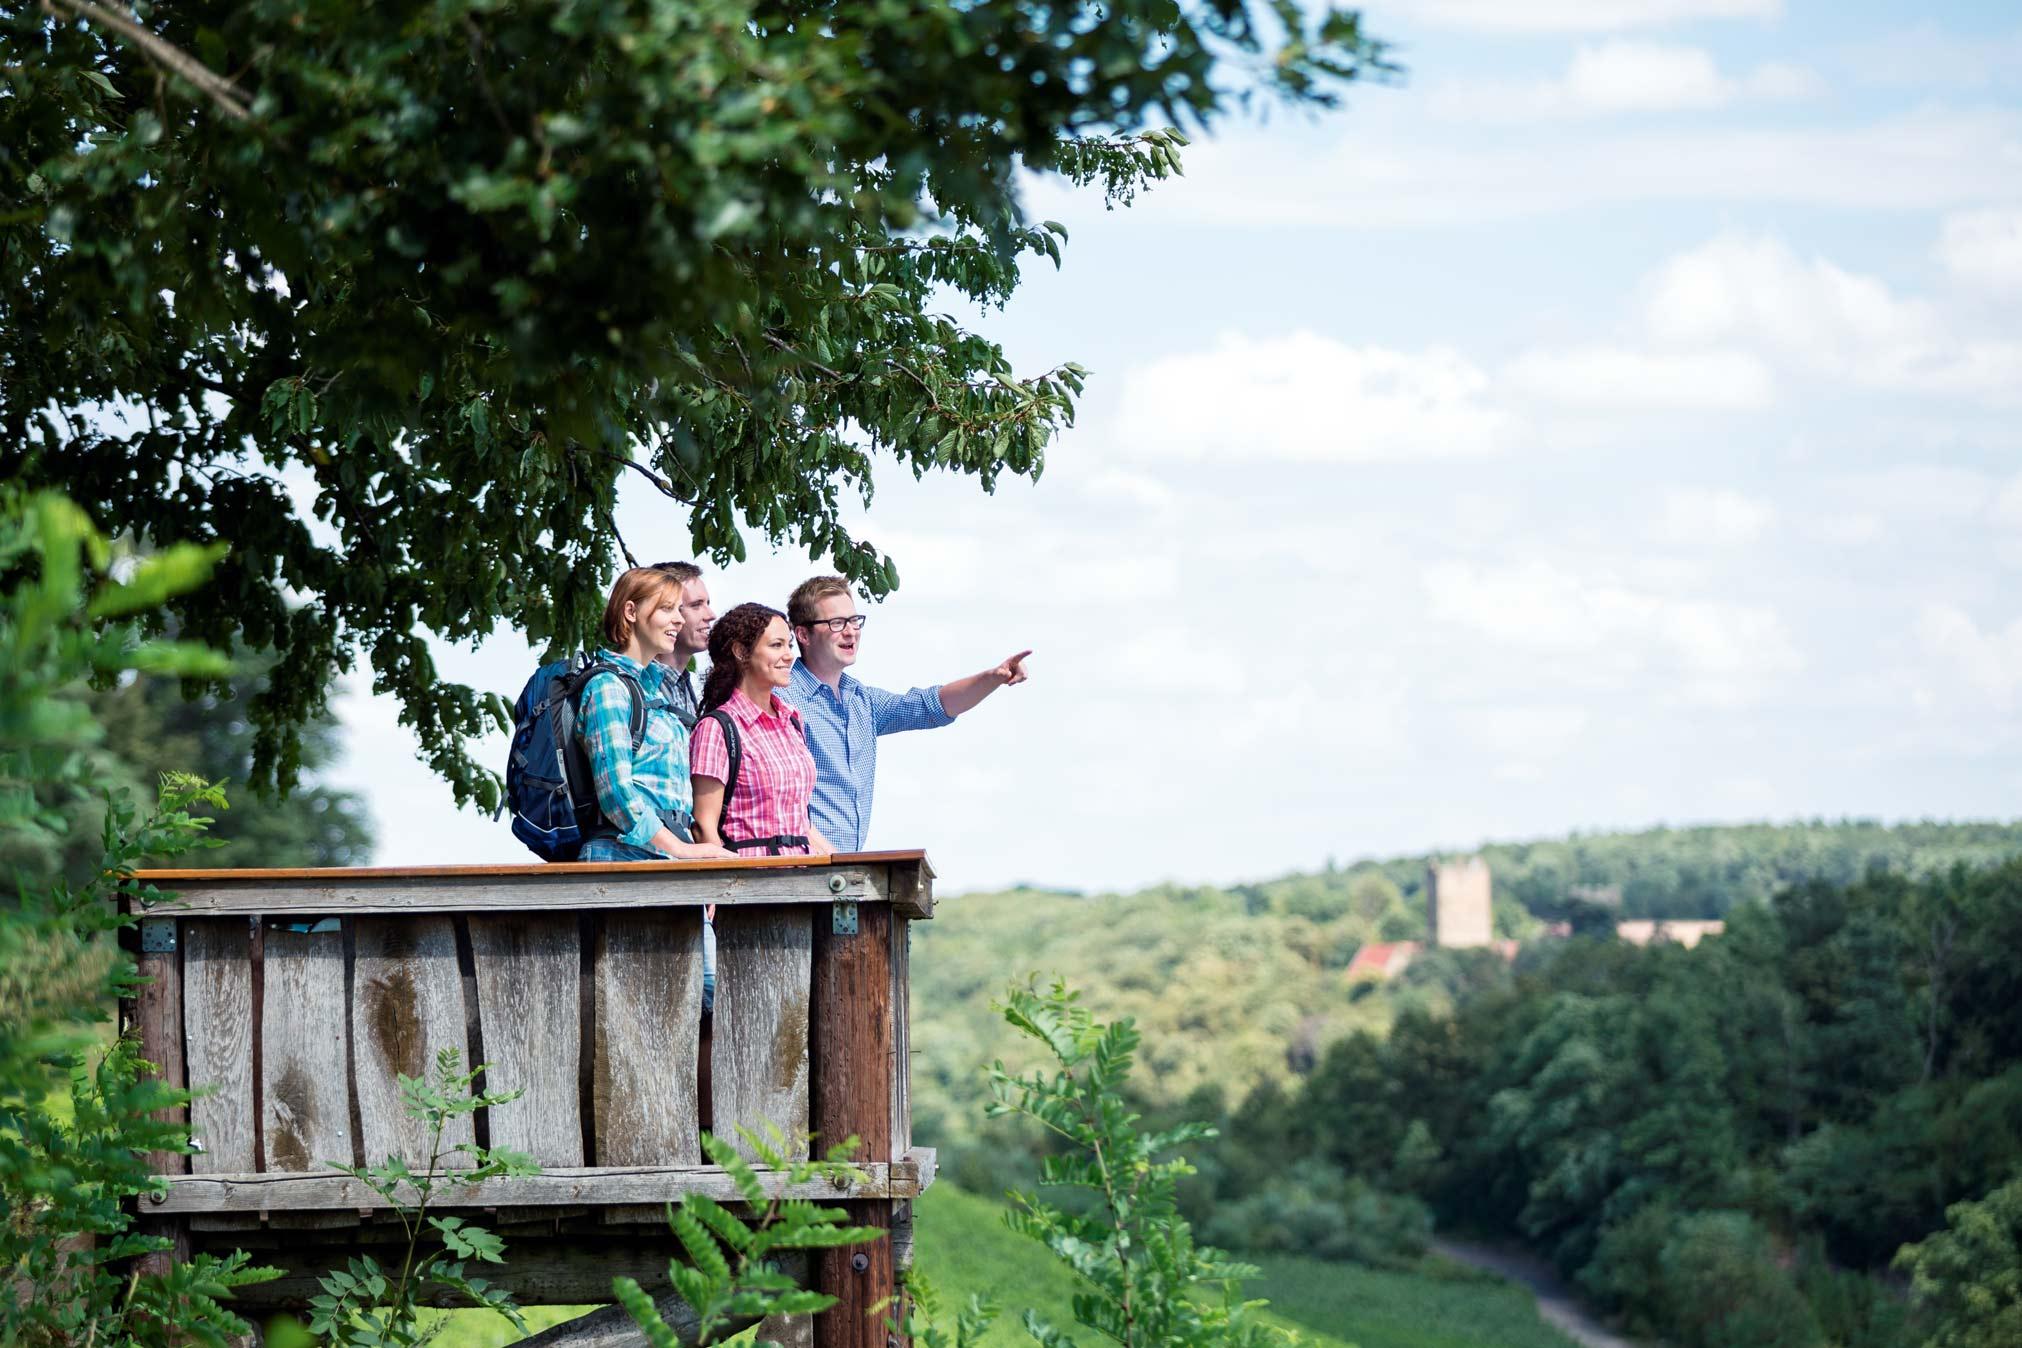 Zwei Naturparks laden zum Ein- und Ausblicken ein © TG HeilbronnerLand, Thomas Rathay